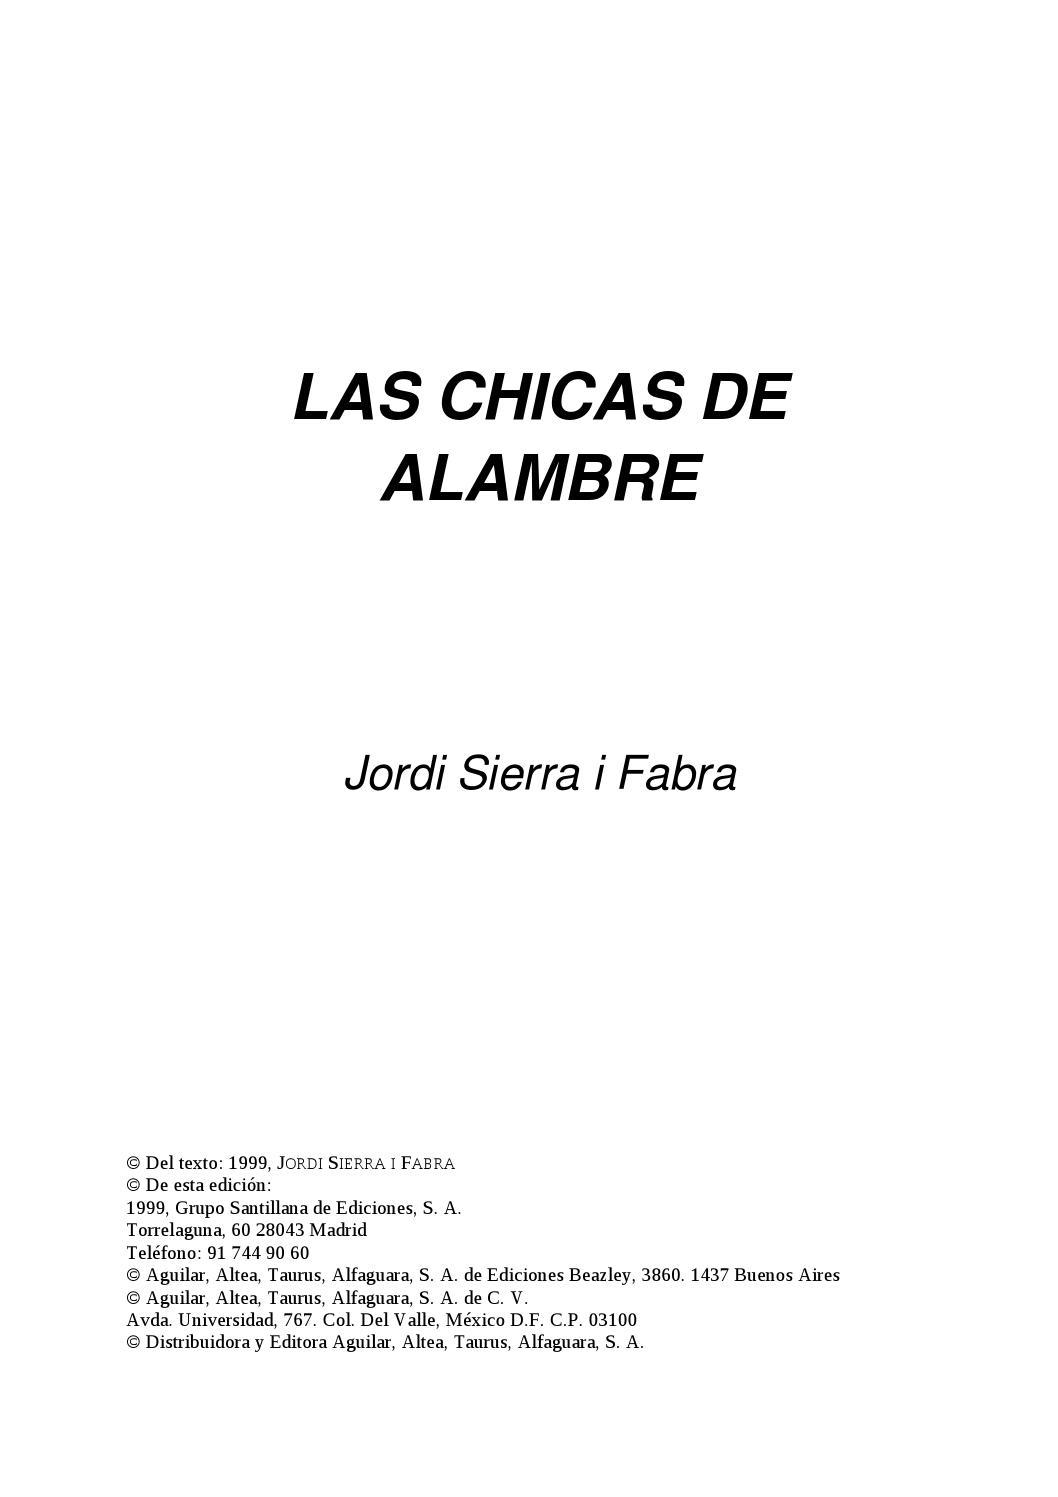 Las chicas de alambre by Tamara Peralta - issuu